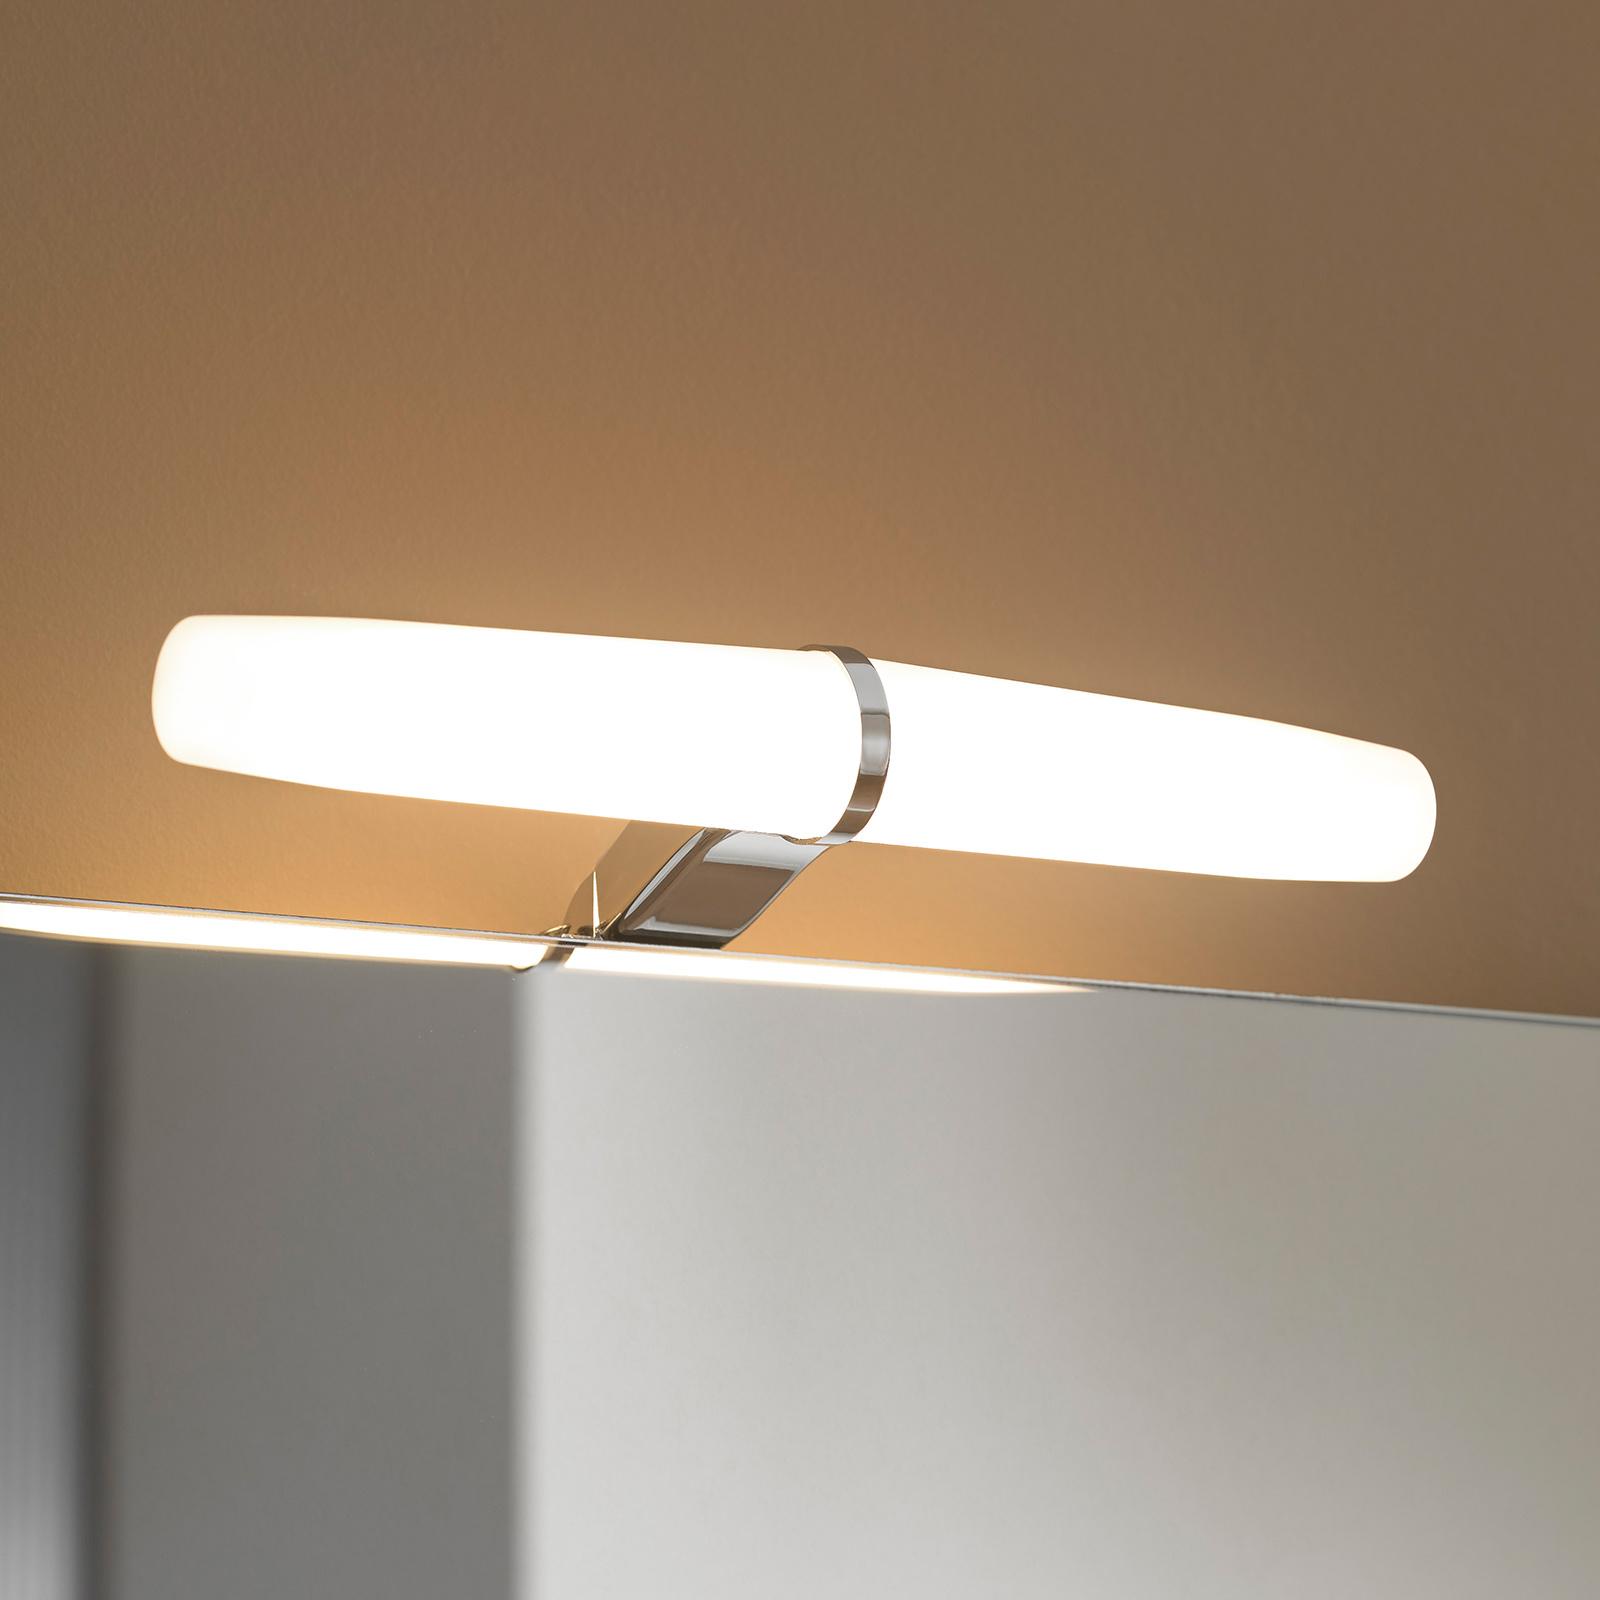 LED-Spiegelleuchte Eva 2, universalweiß